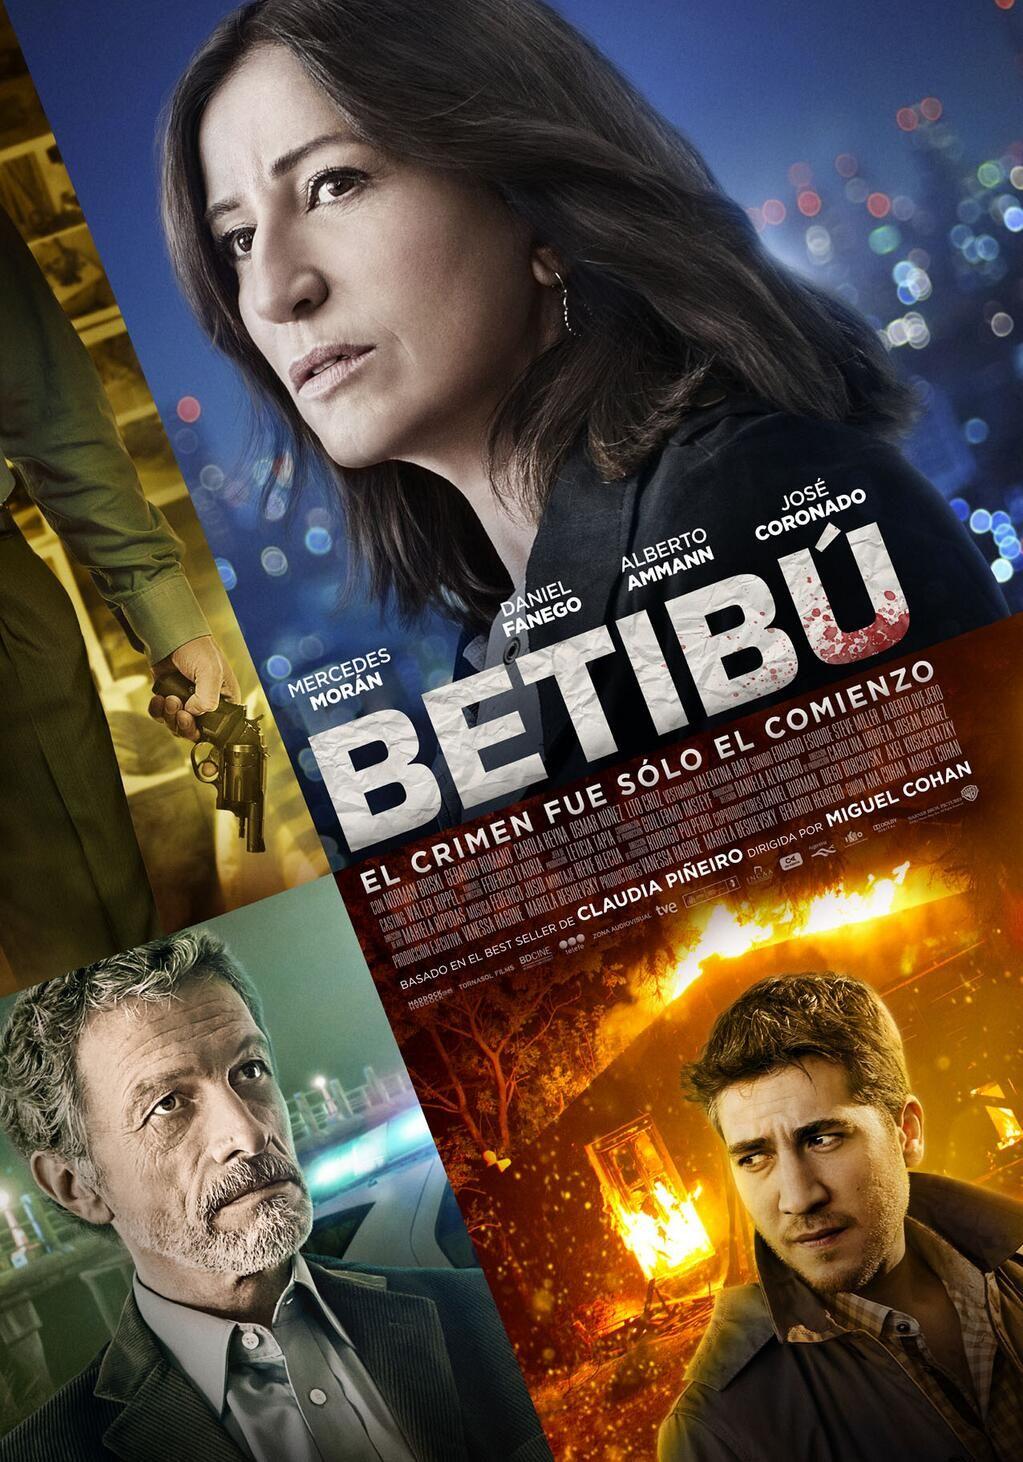 Mercedes Morán ya tiene el afiche de su nueva peli Betibú